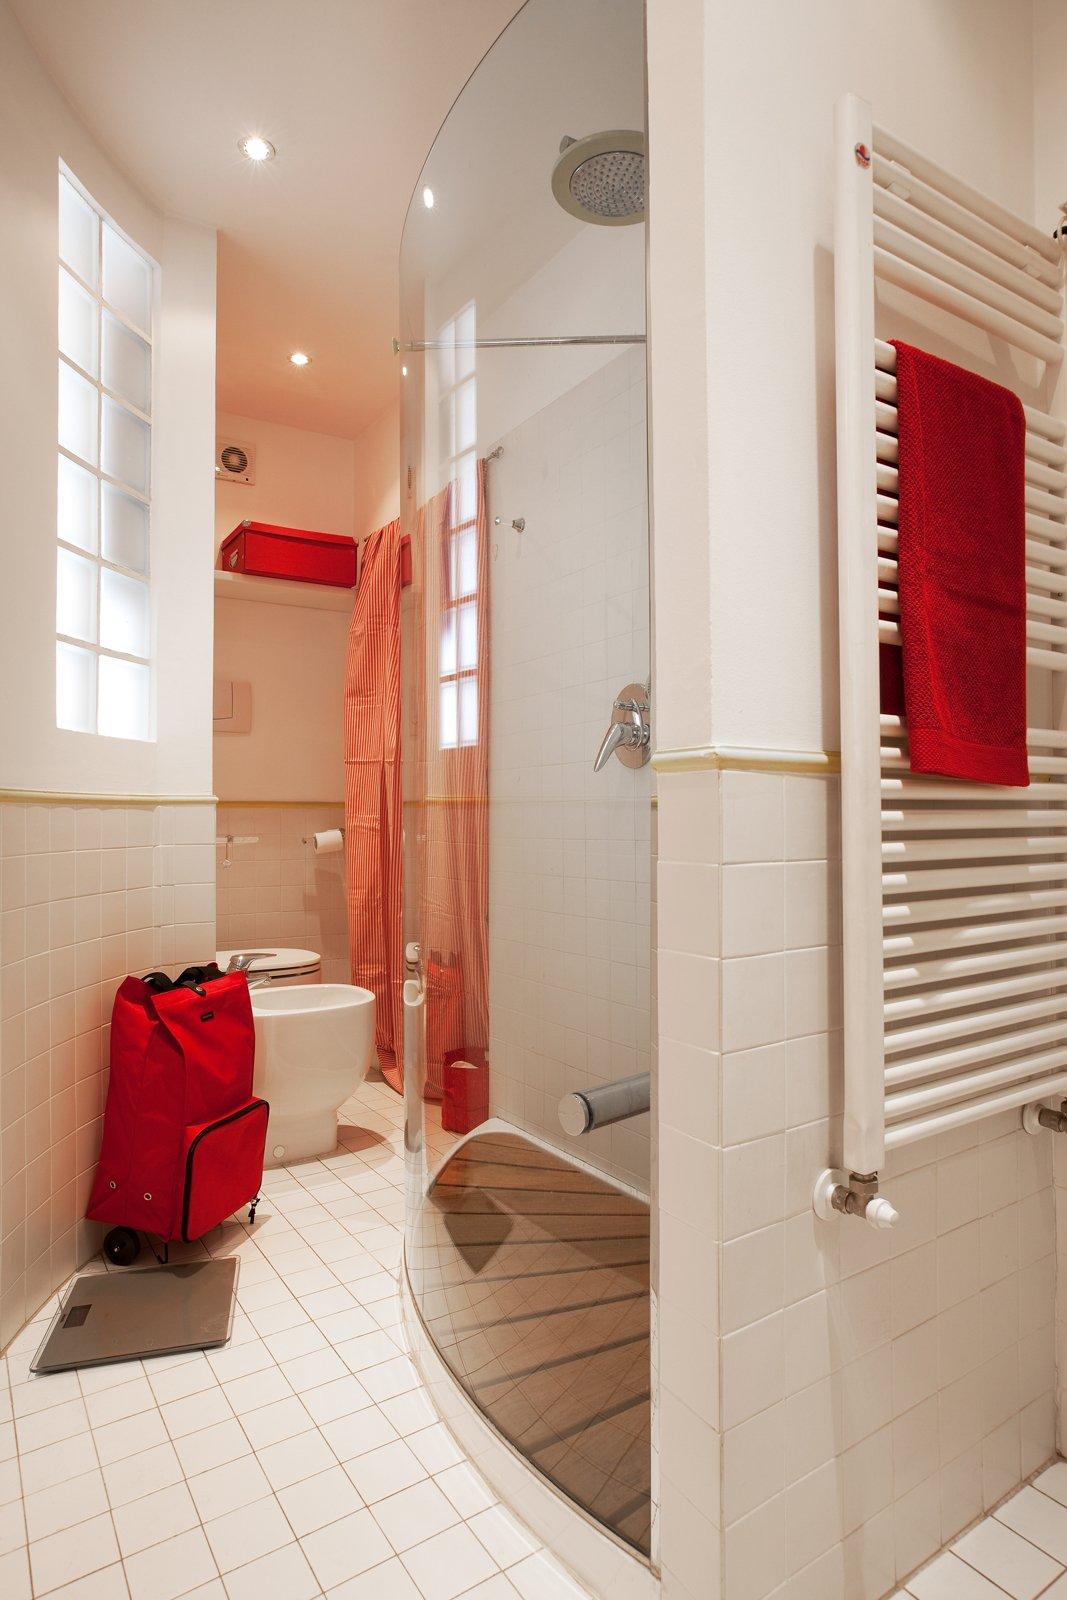 Monolocale di 25 mq con soluzioni salvaspazio cose di casa - Bagno di 4 mq ...